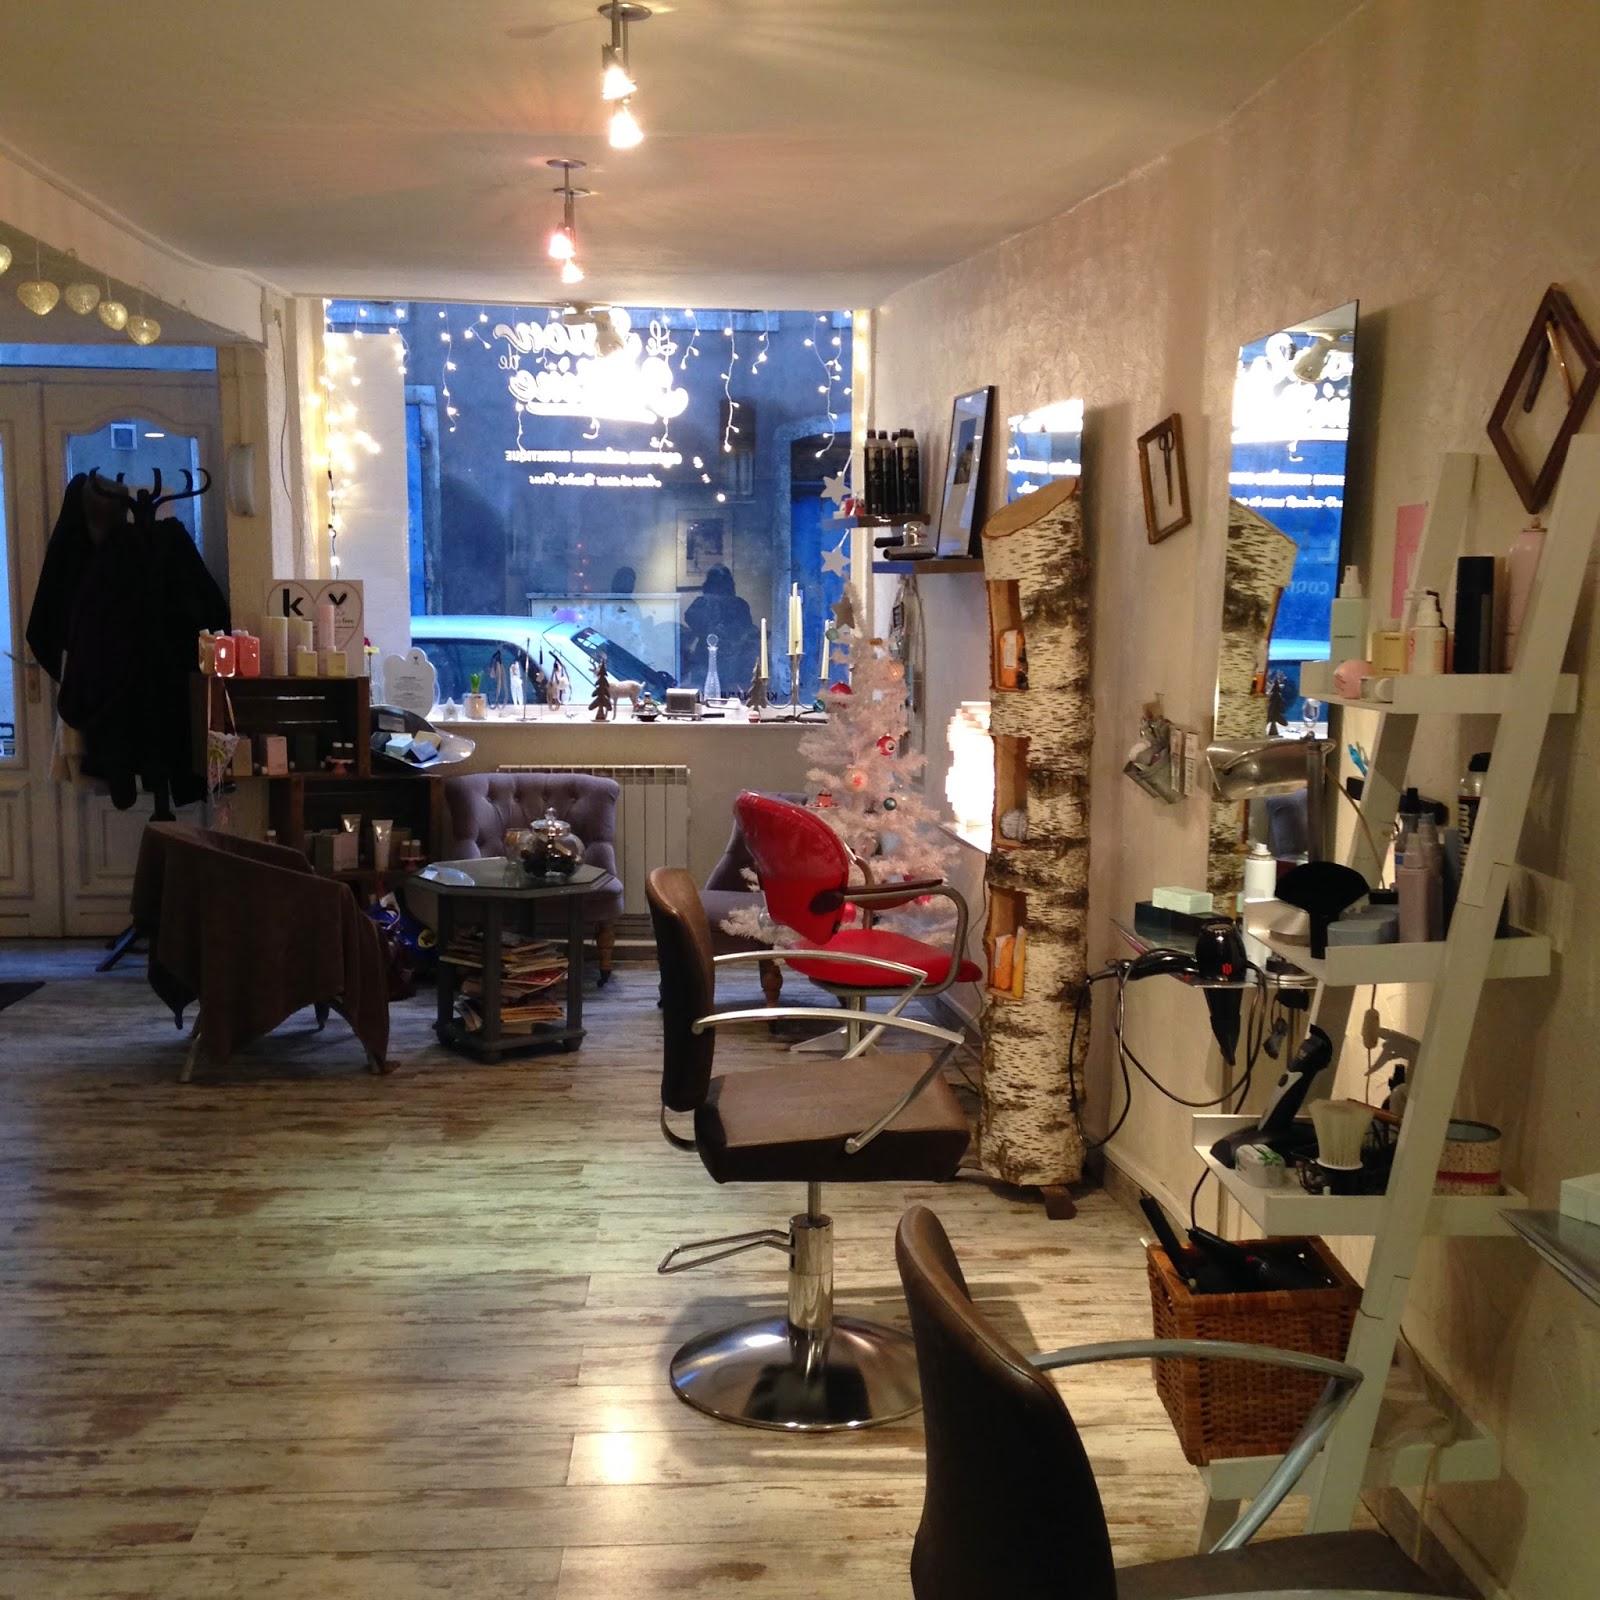 Le salon de justine mon coiffeur nanc ien for Salon de l habitat nancy